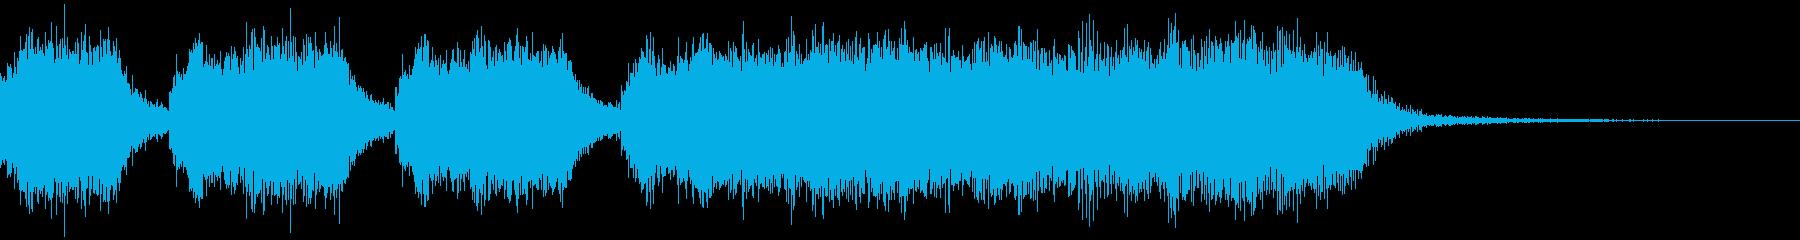 激しいオーケストラのジングルの再生済みの波形